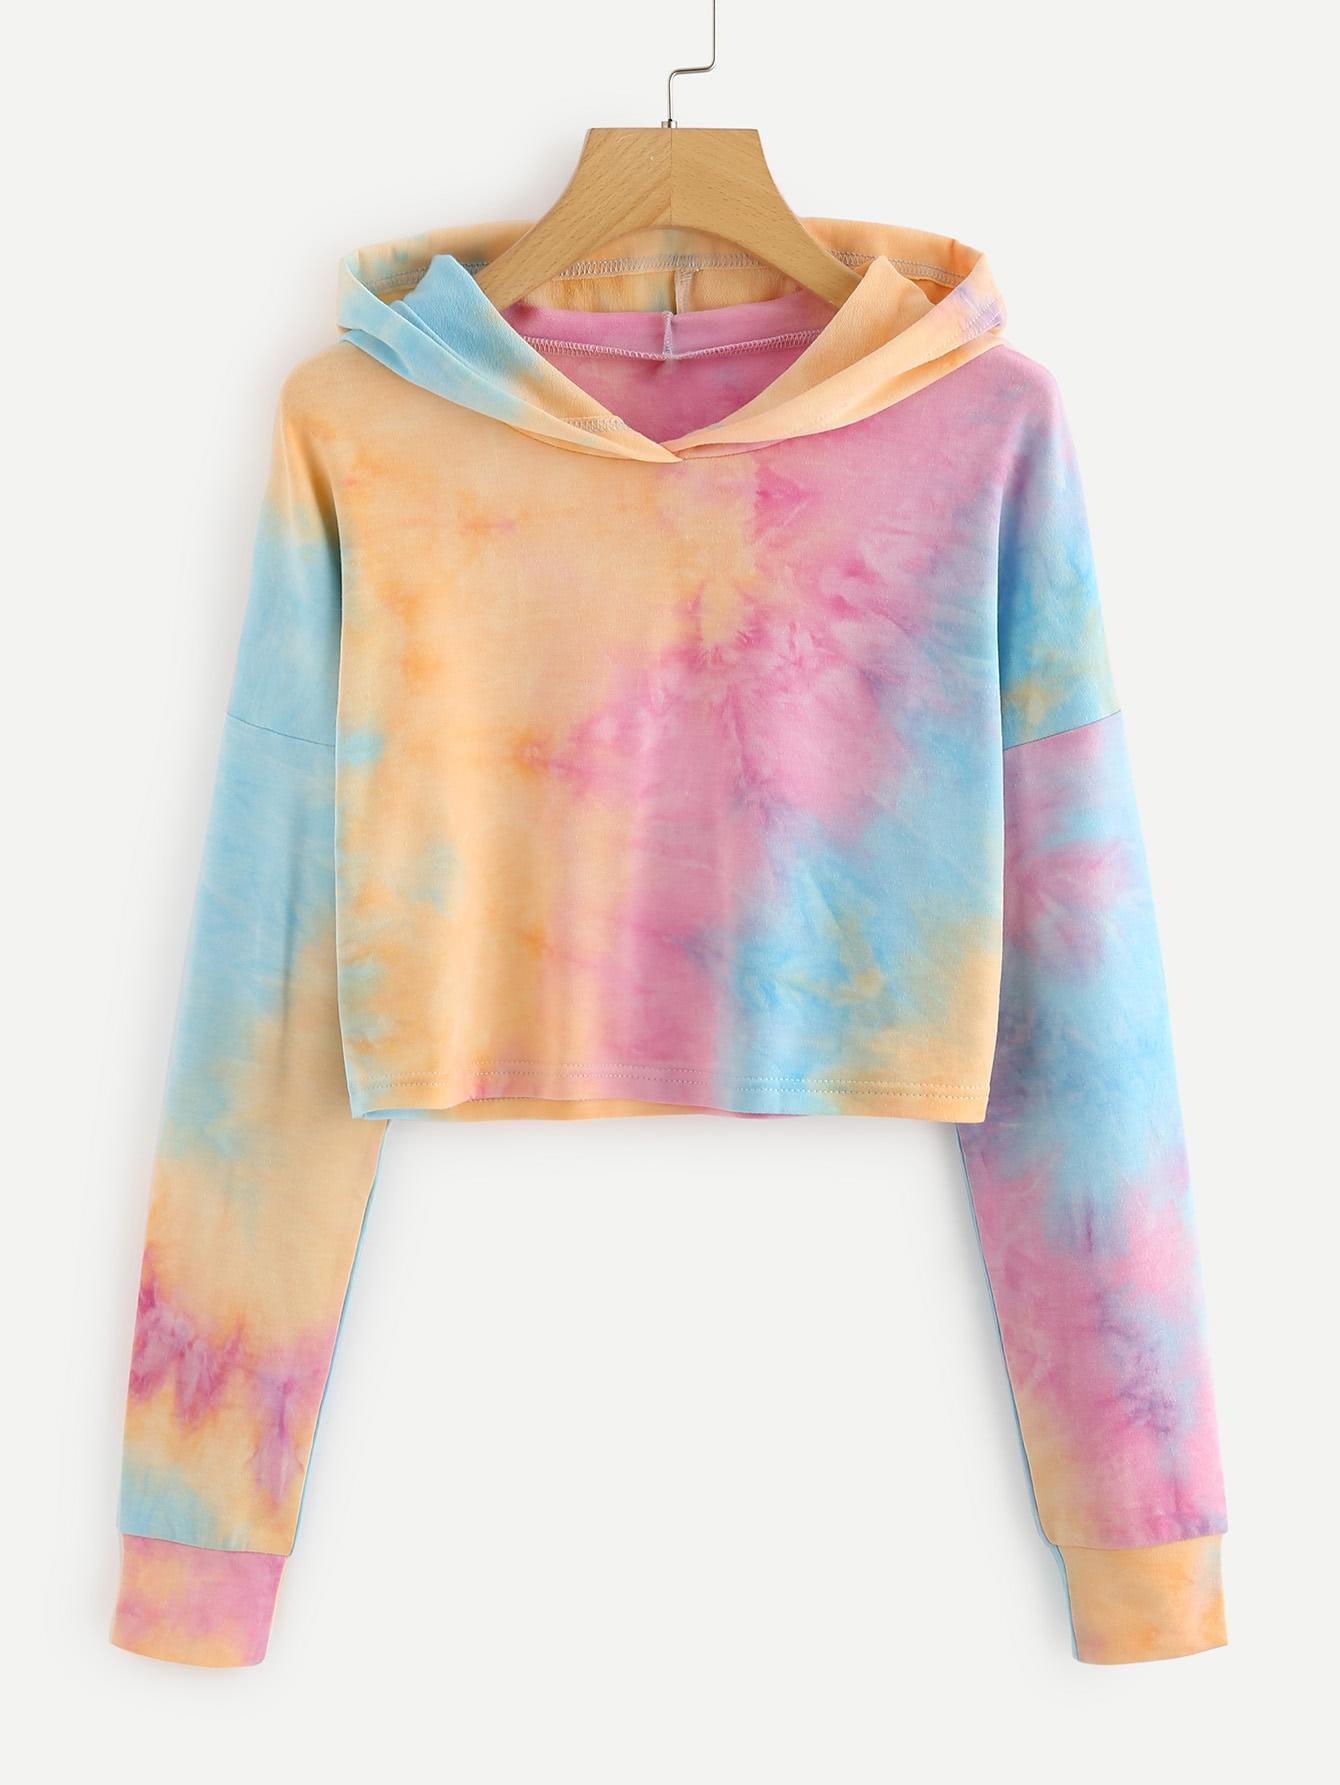 Купить Повседневный Галстуковый краситель на кулиске Пуловеры Многоцветный Свитшоты, null, SheIn